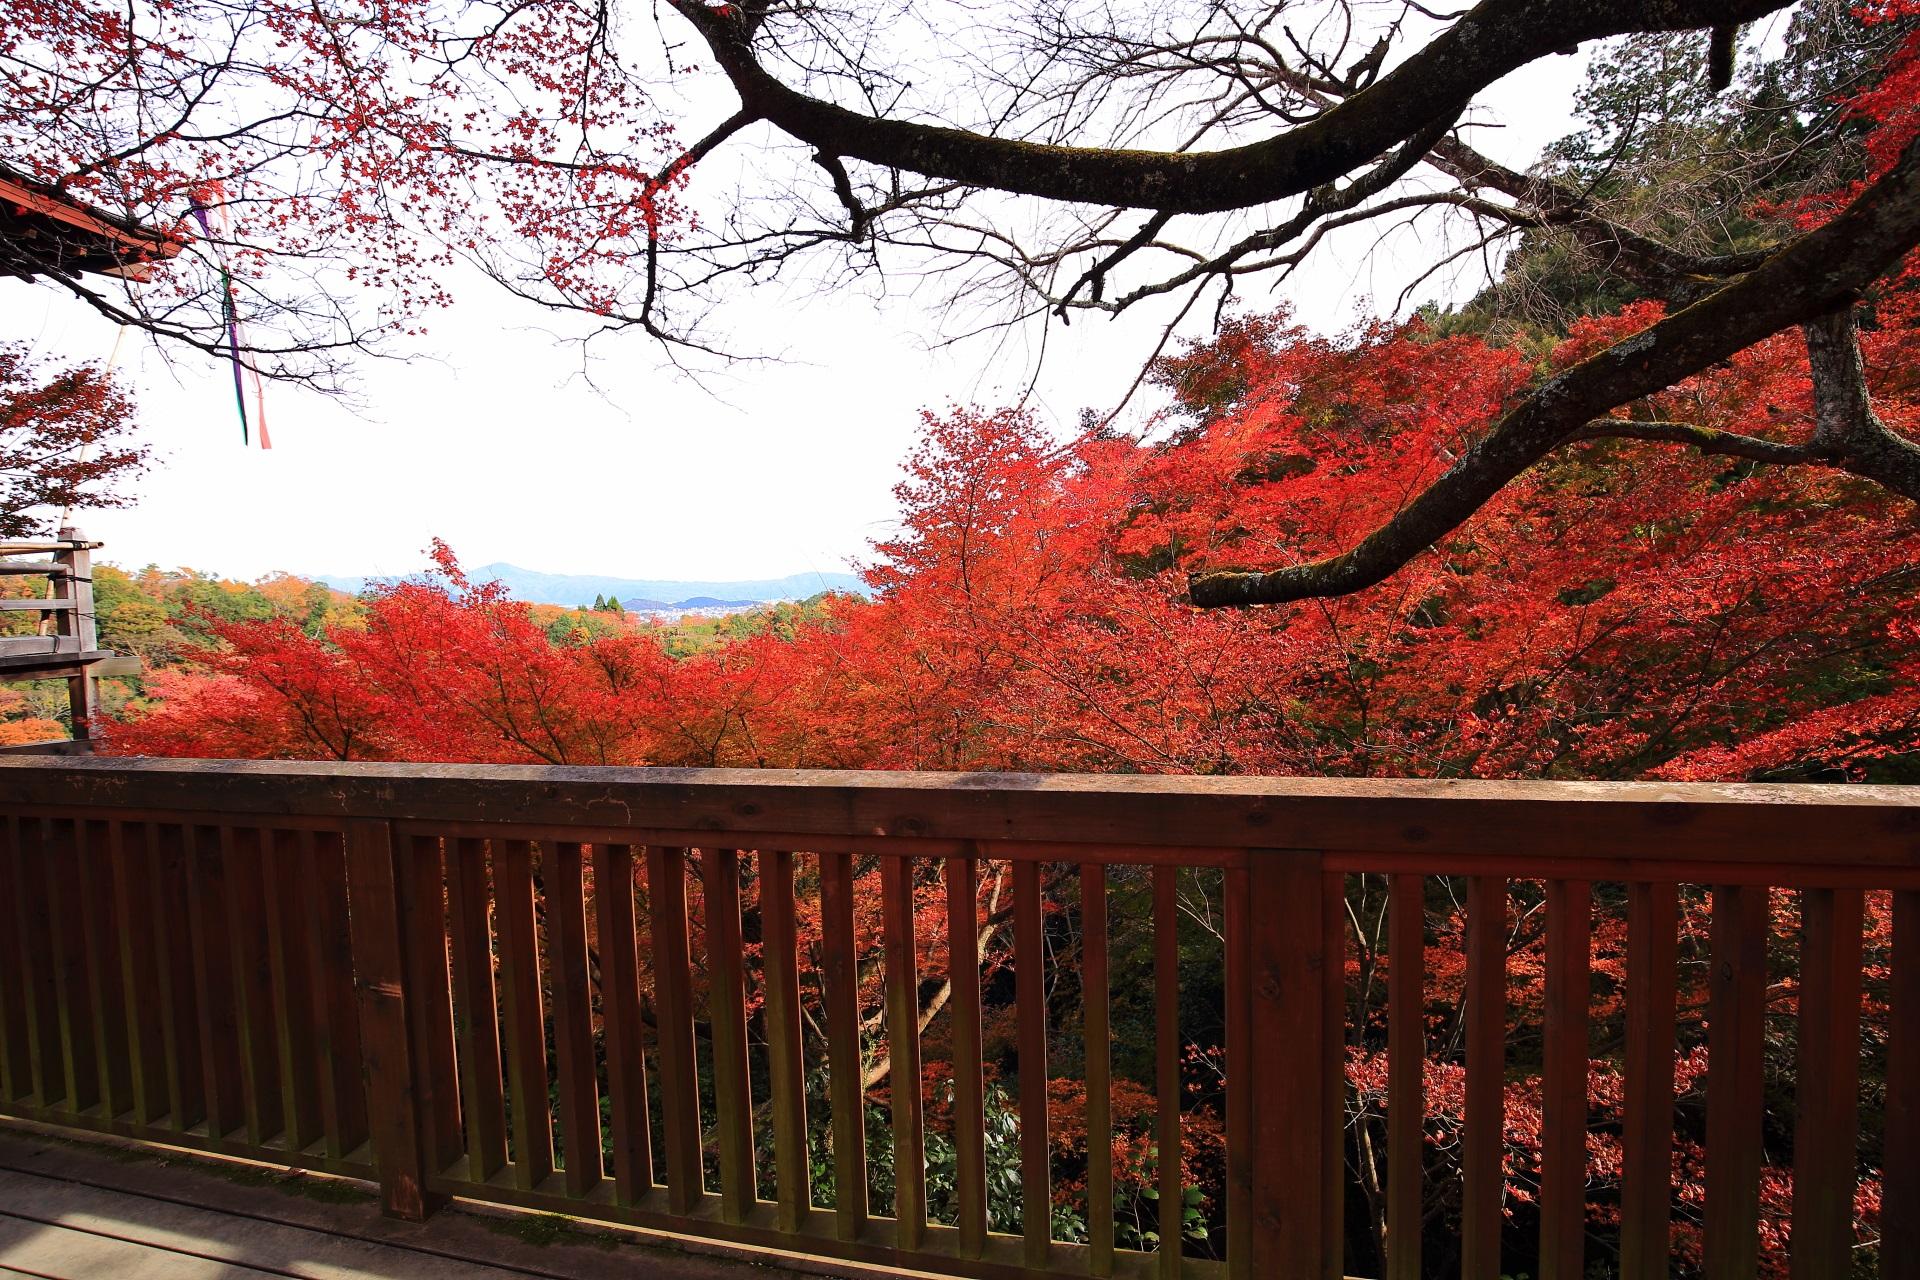 大悲閣千光寺の茶所から眺める紅葉と秋の山